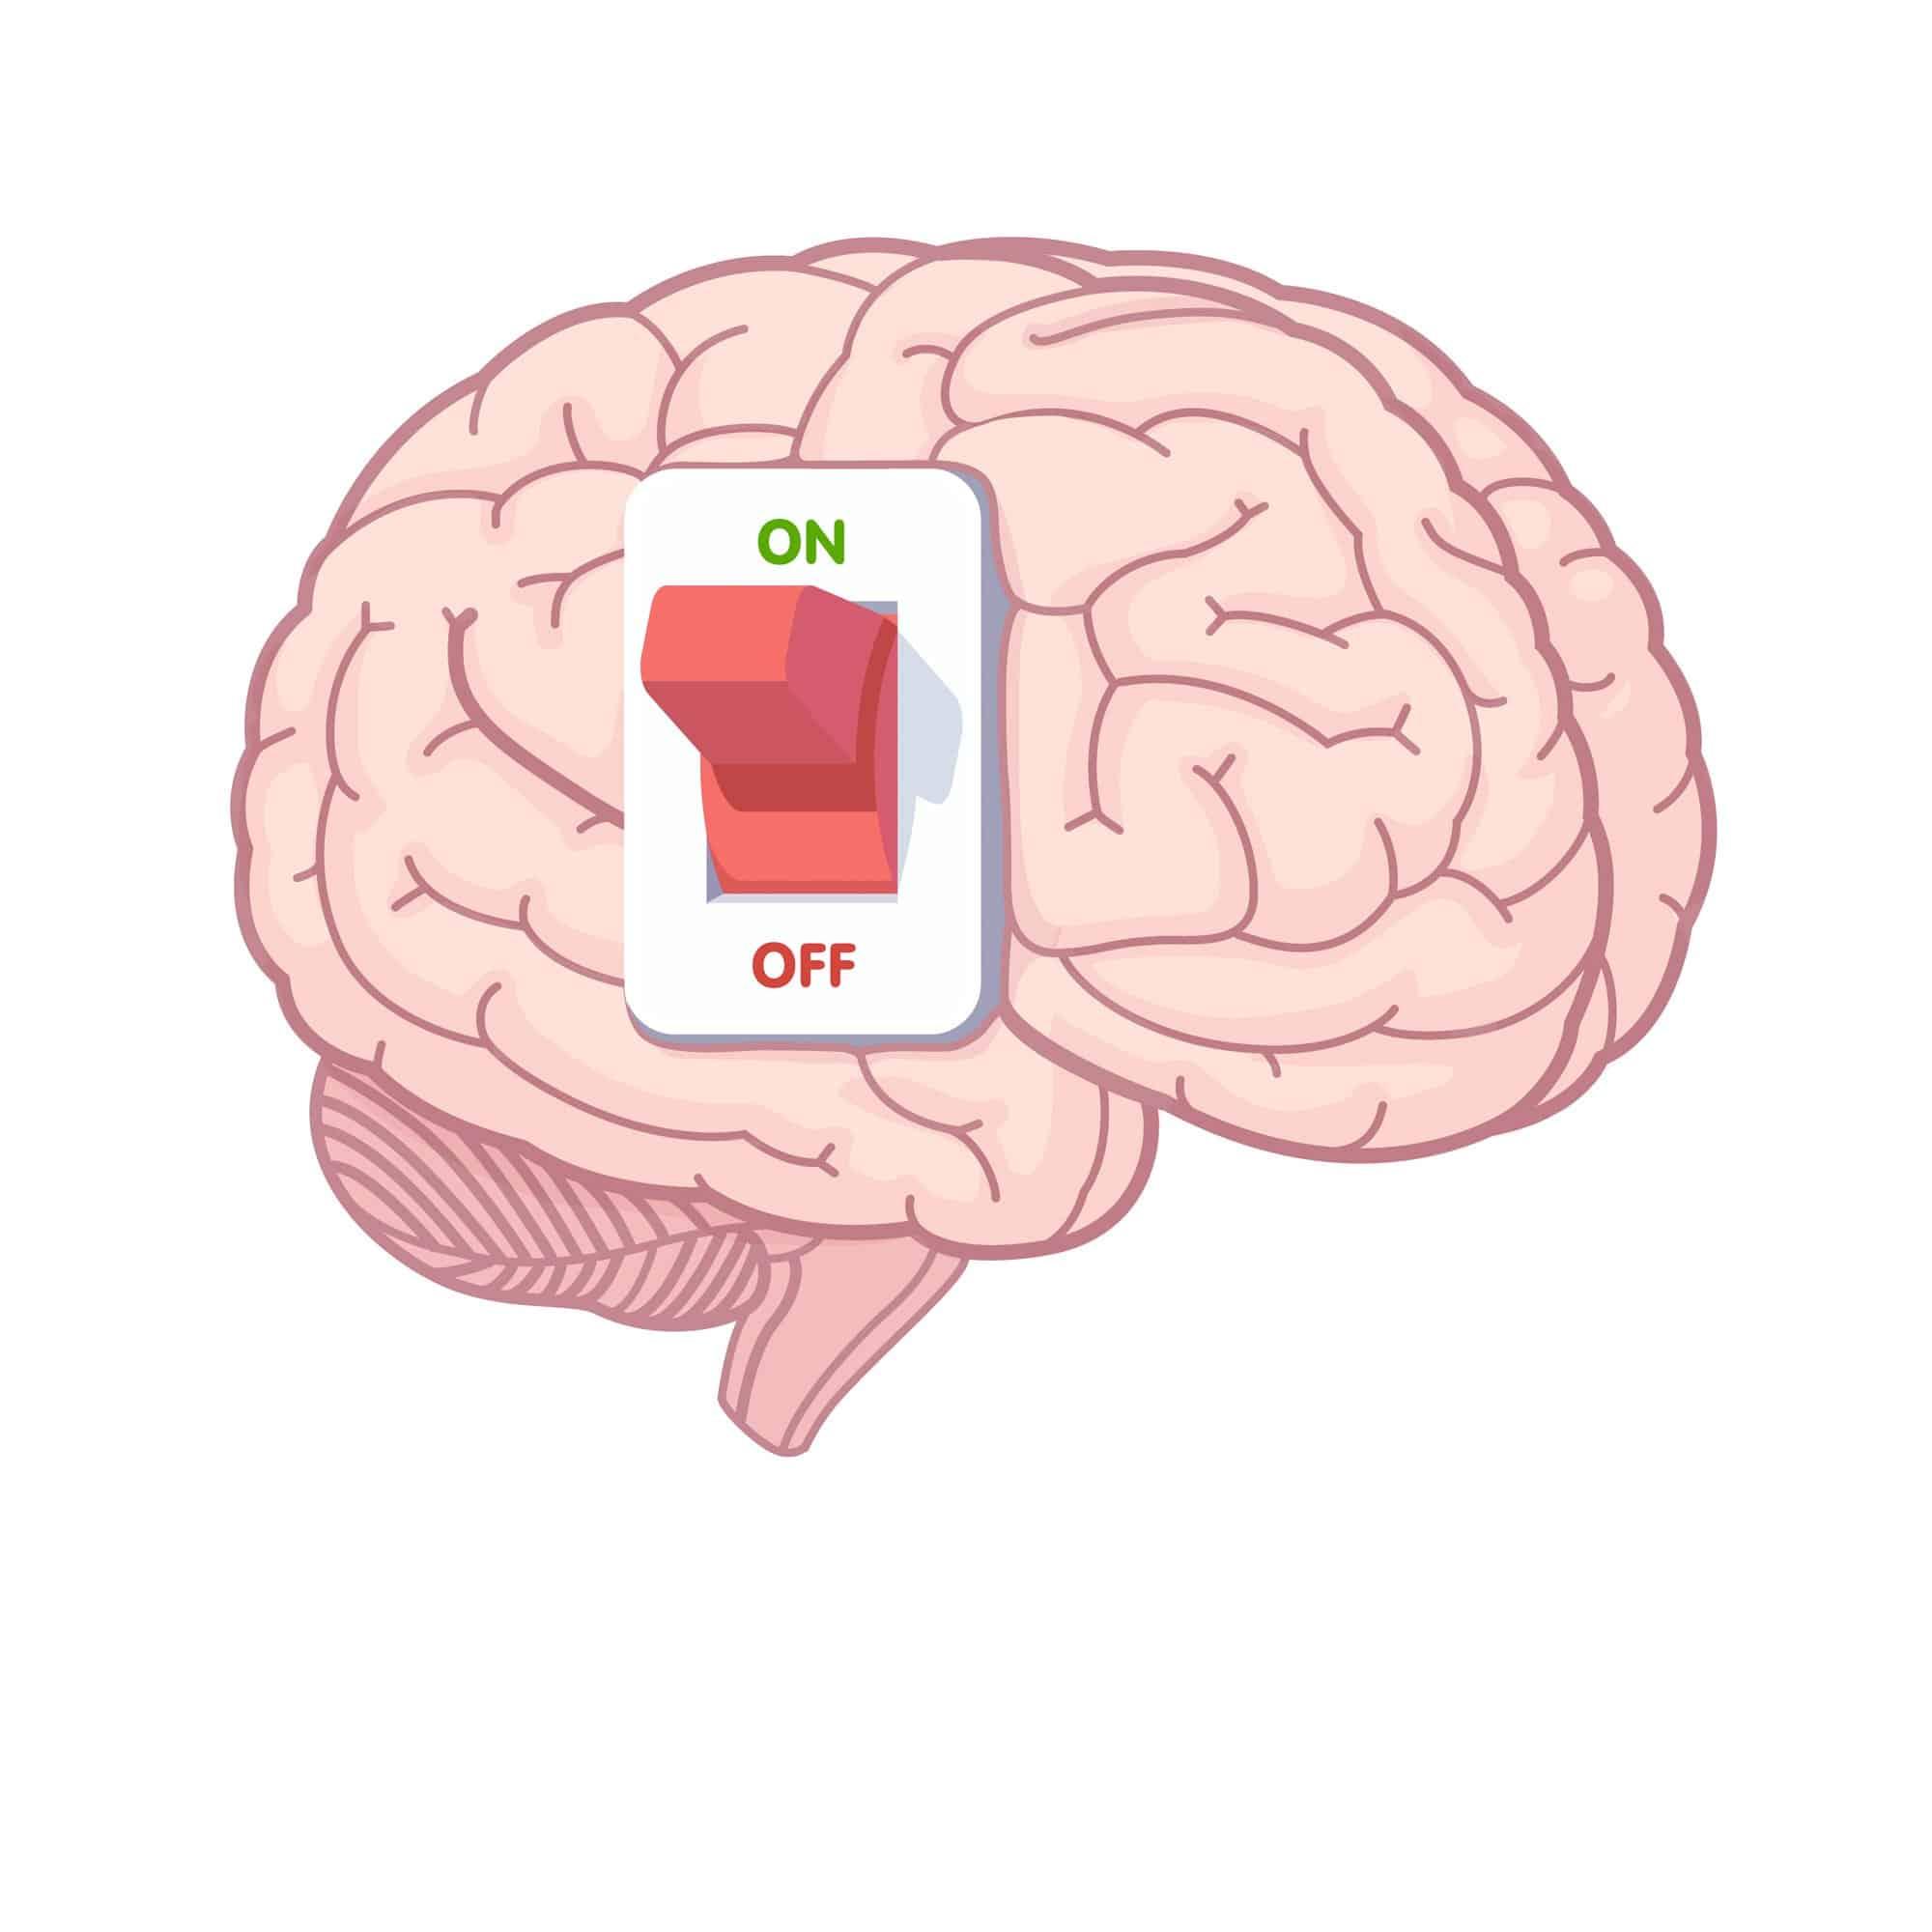 spegnere e accendere il cervello